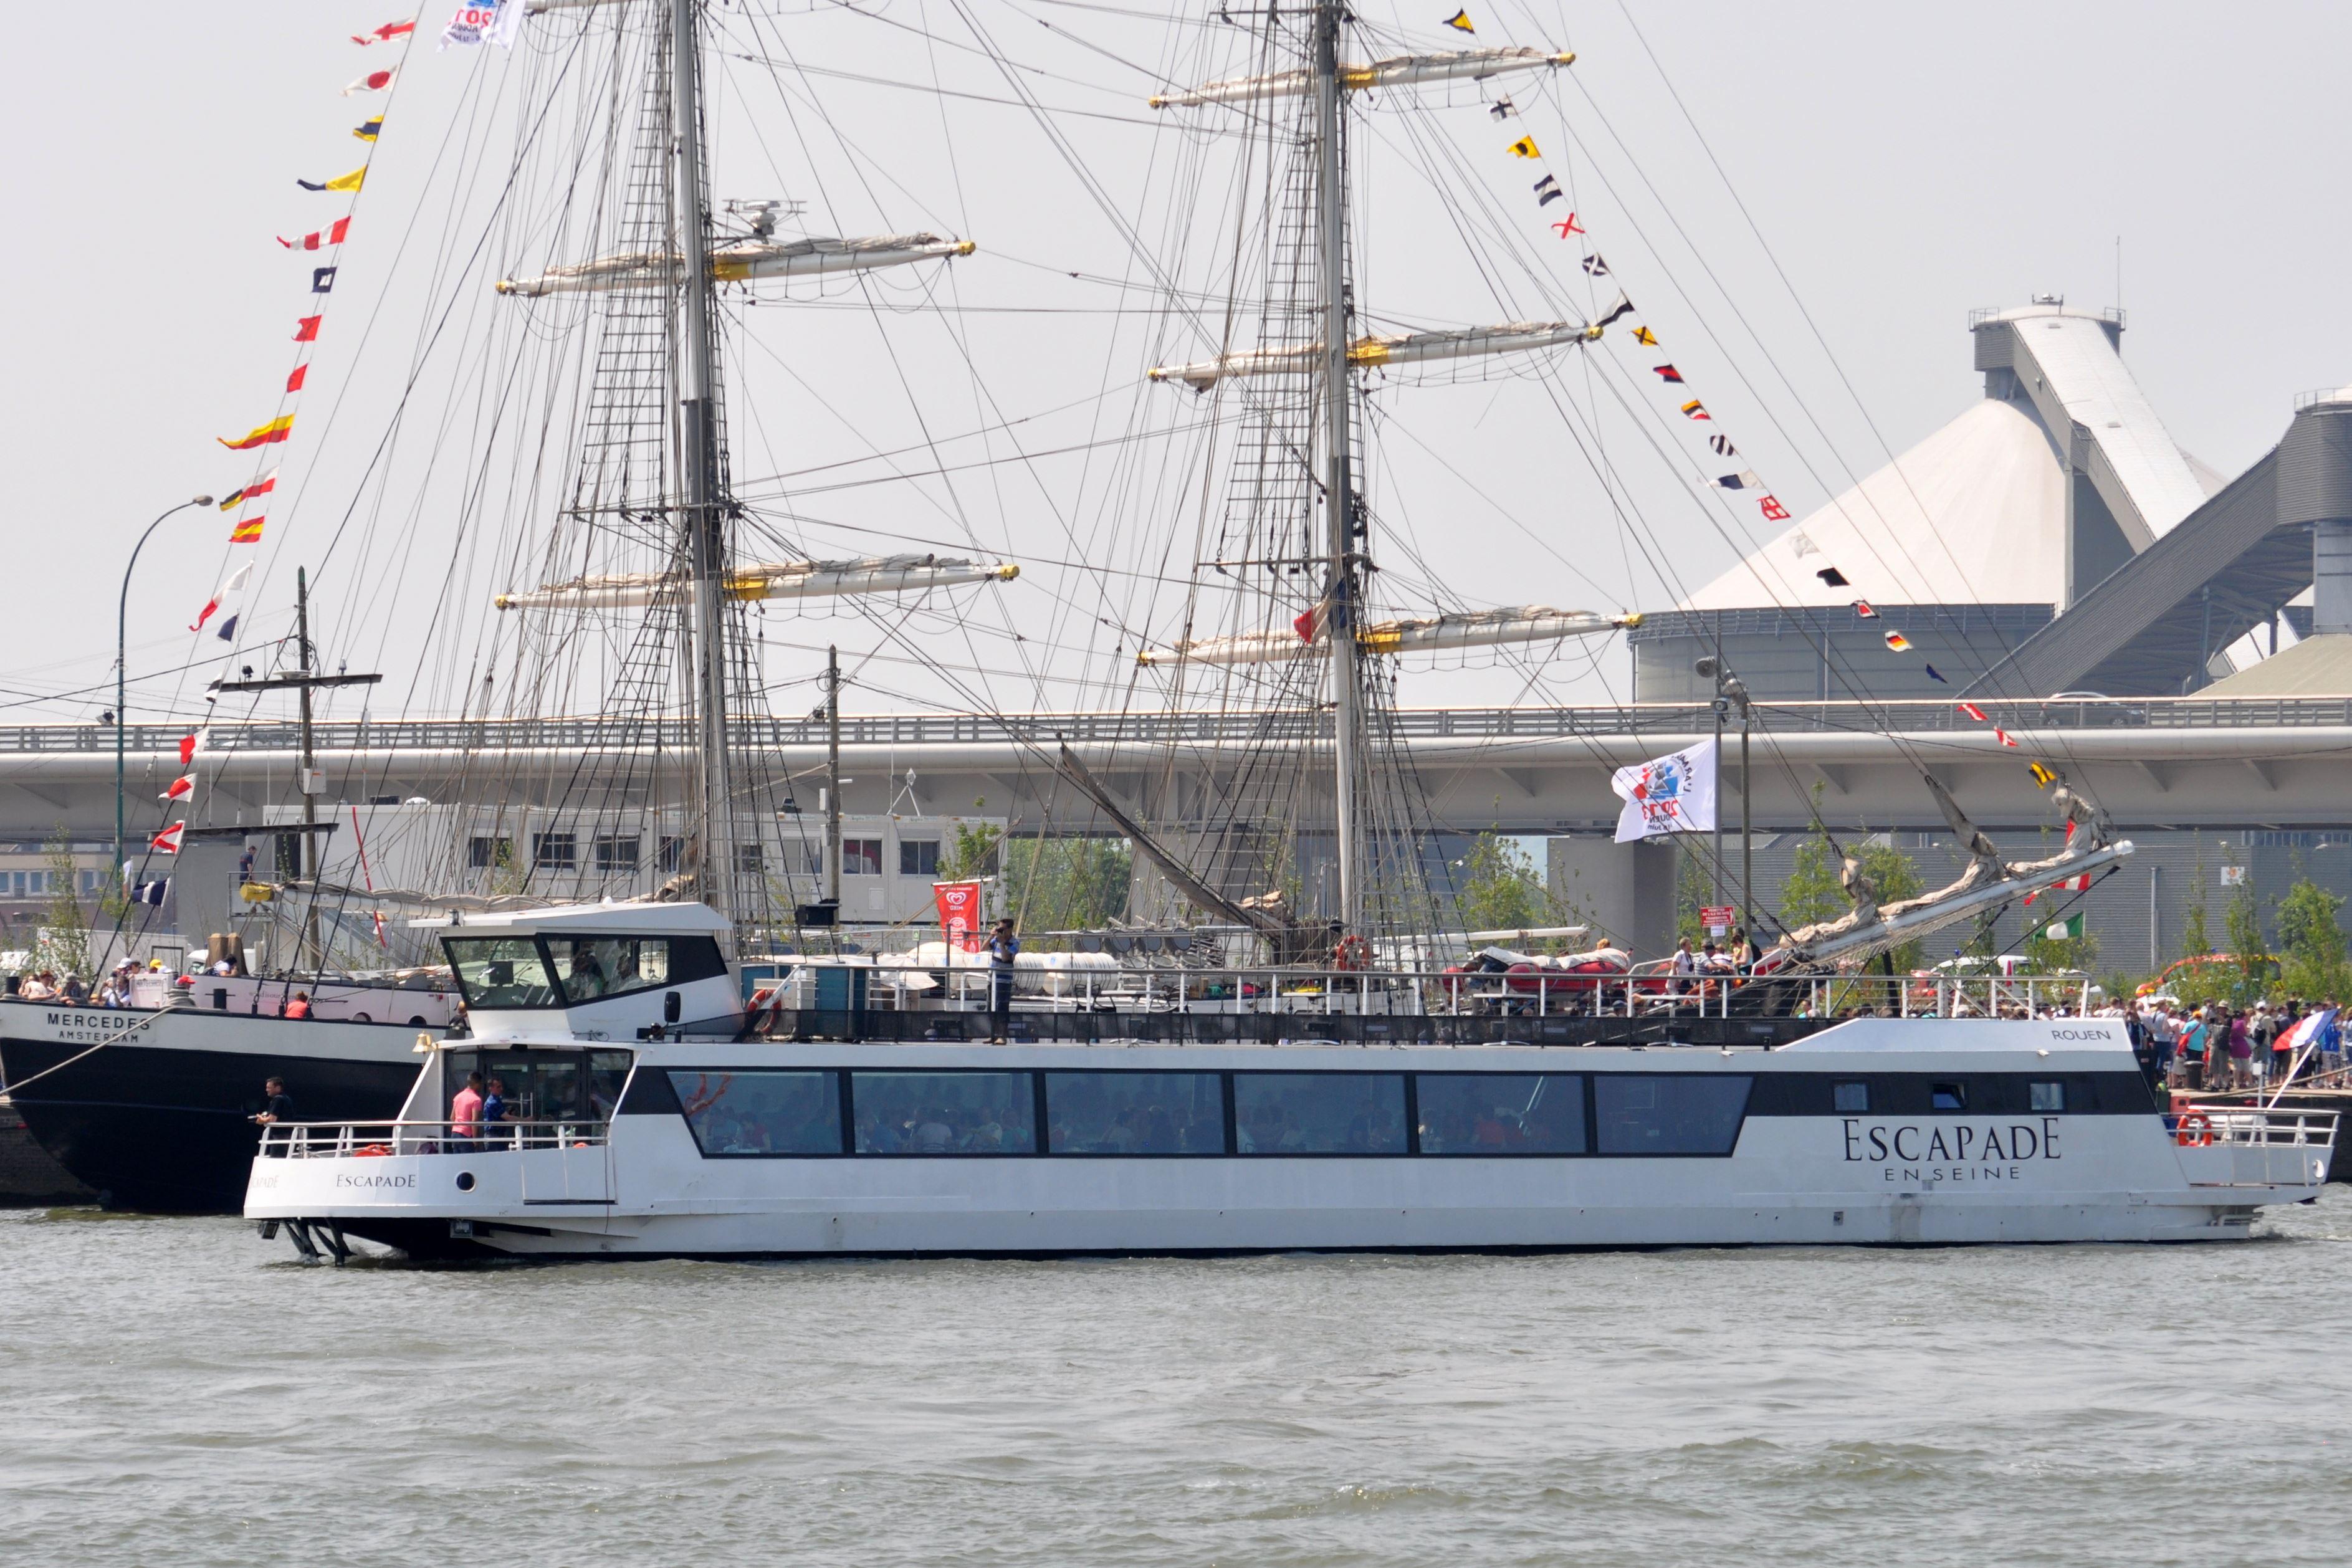 Déjeuner croisière au cœur de l'Armada, à bord de l'Escapade